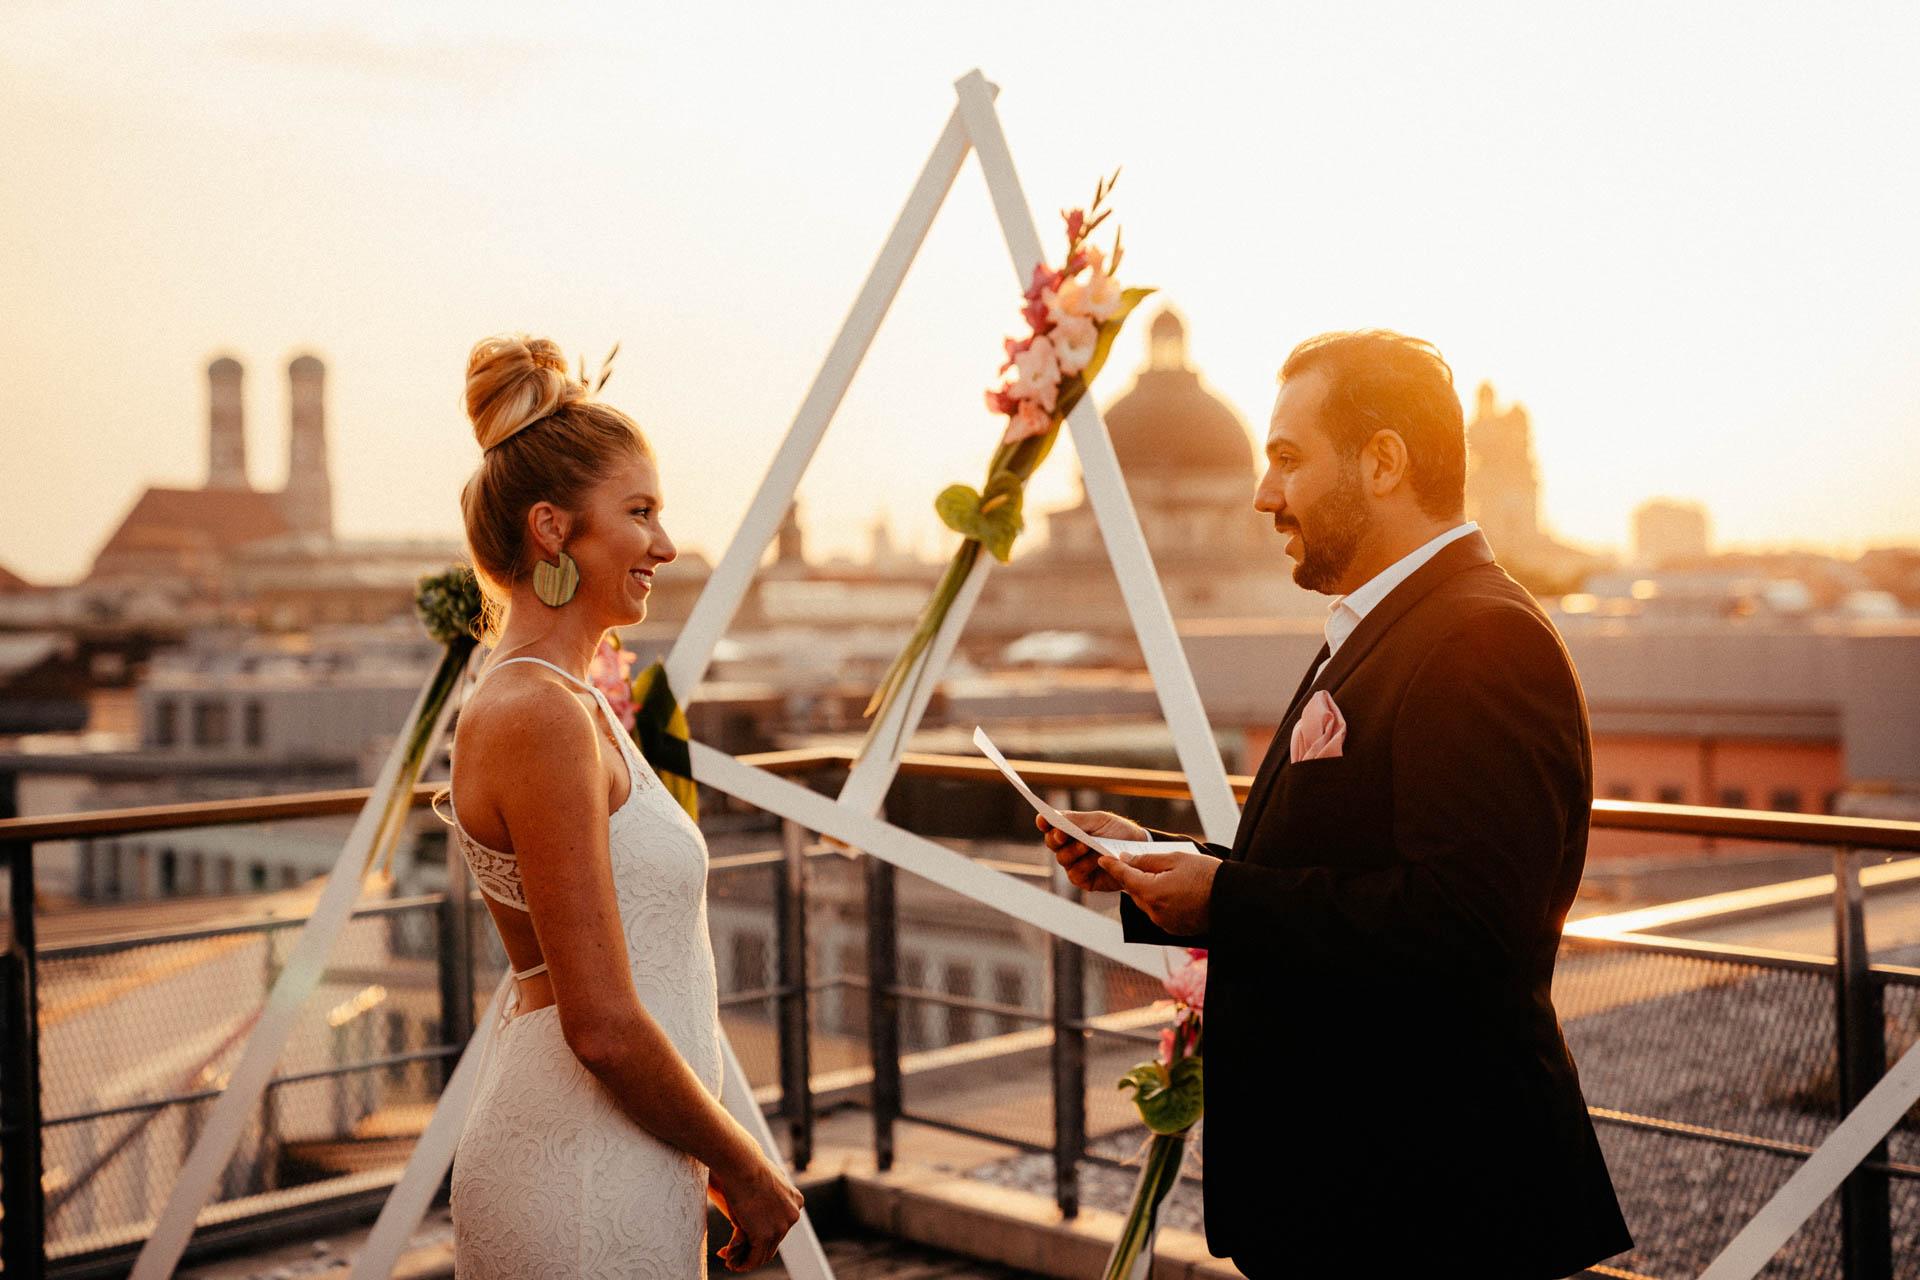 Bräutigam spricht bewegende Worte an Braut bei freier Trauung in München auf der Dachterrasse